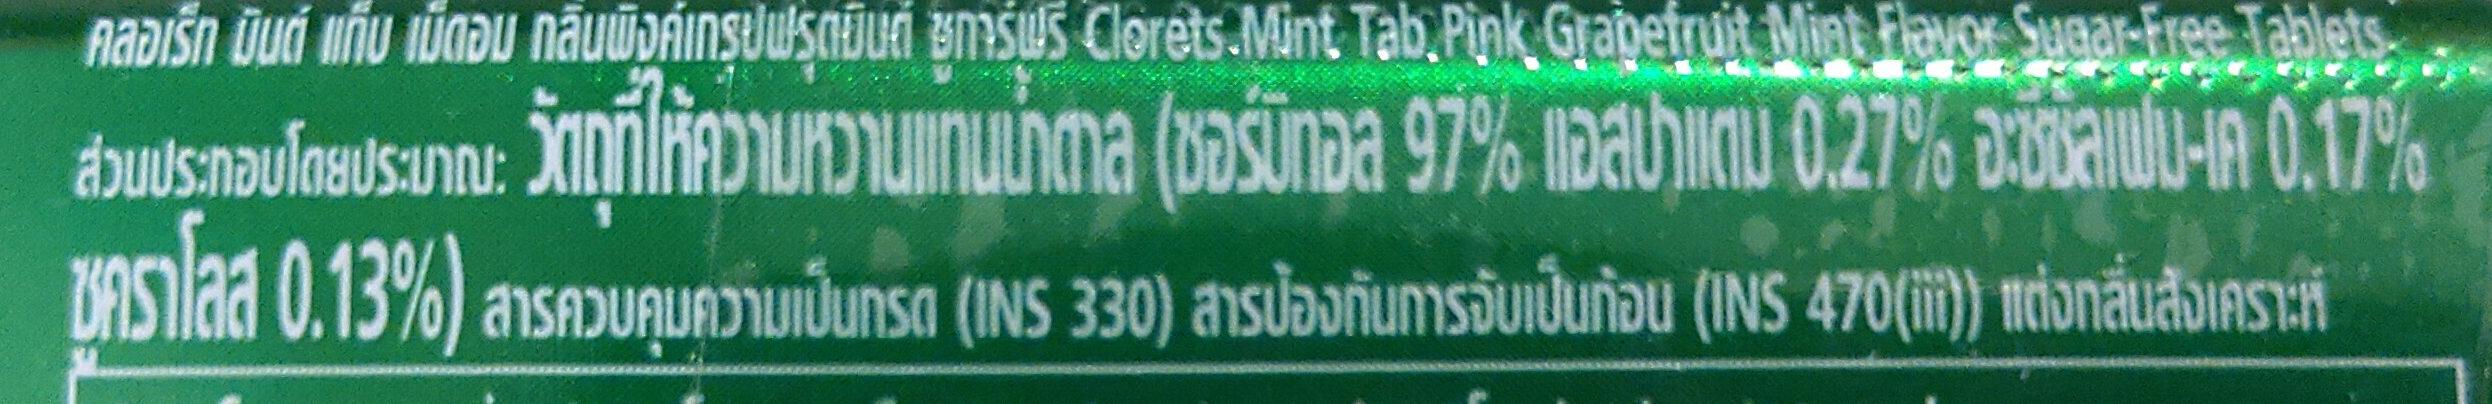 คลอเร็ท มินต์ แท็บ - Ingredients - th